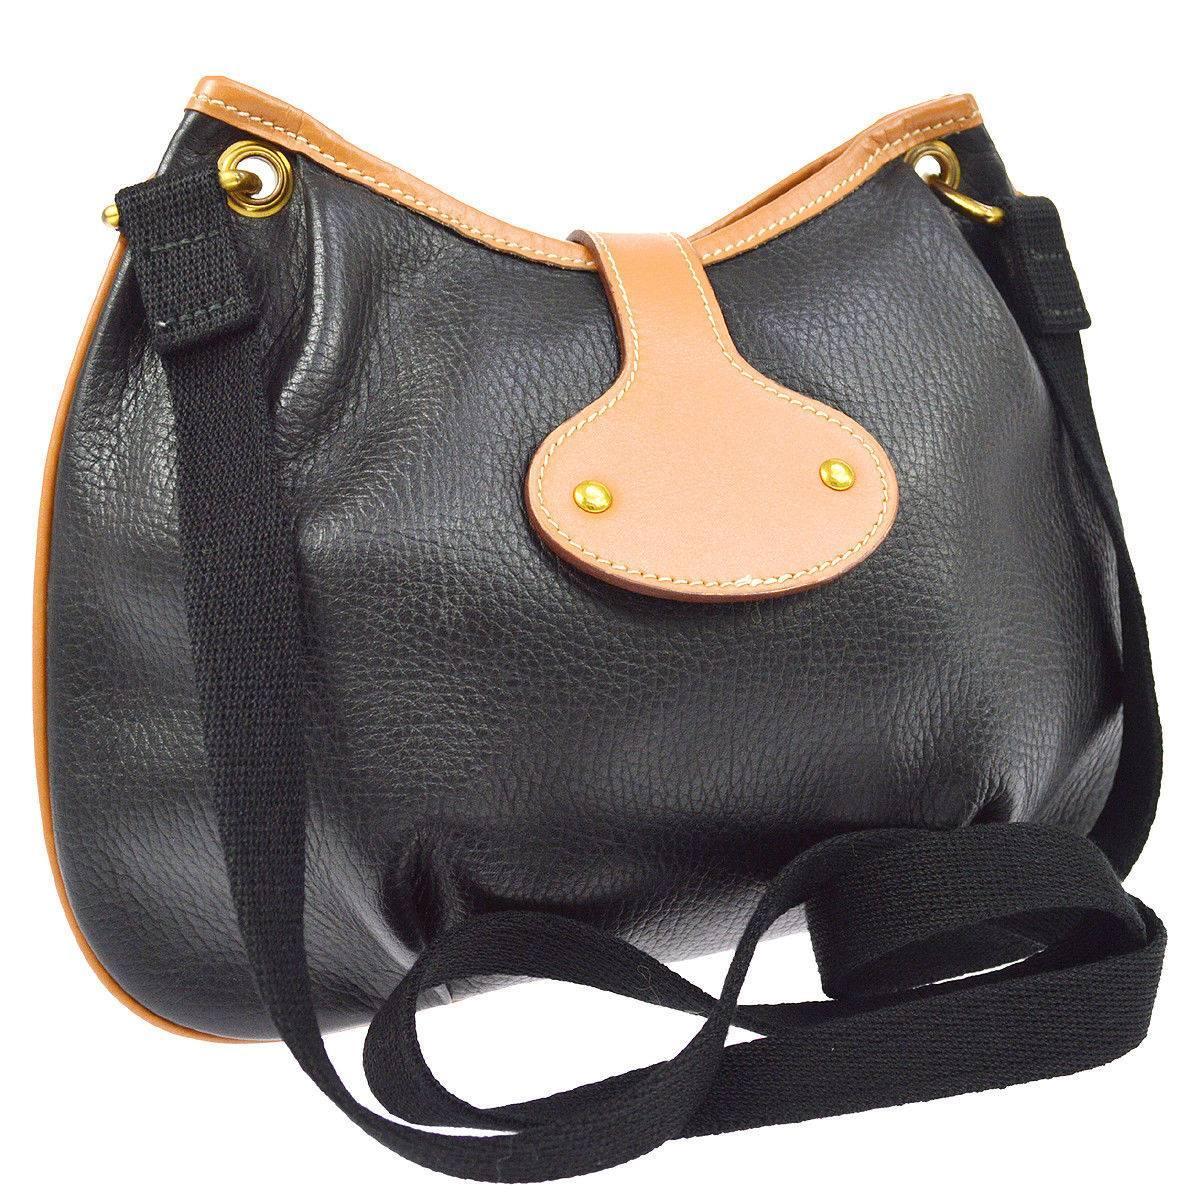 e2f40724139c ... new arrivals hermes black cognac leather hobo style shoulder crossbody  saddle bag faeb5 ee9d2 ...